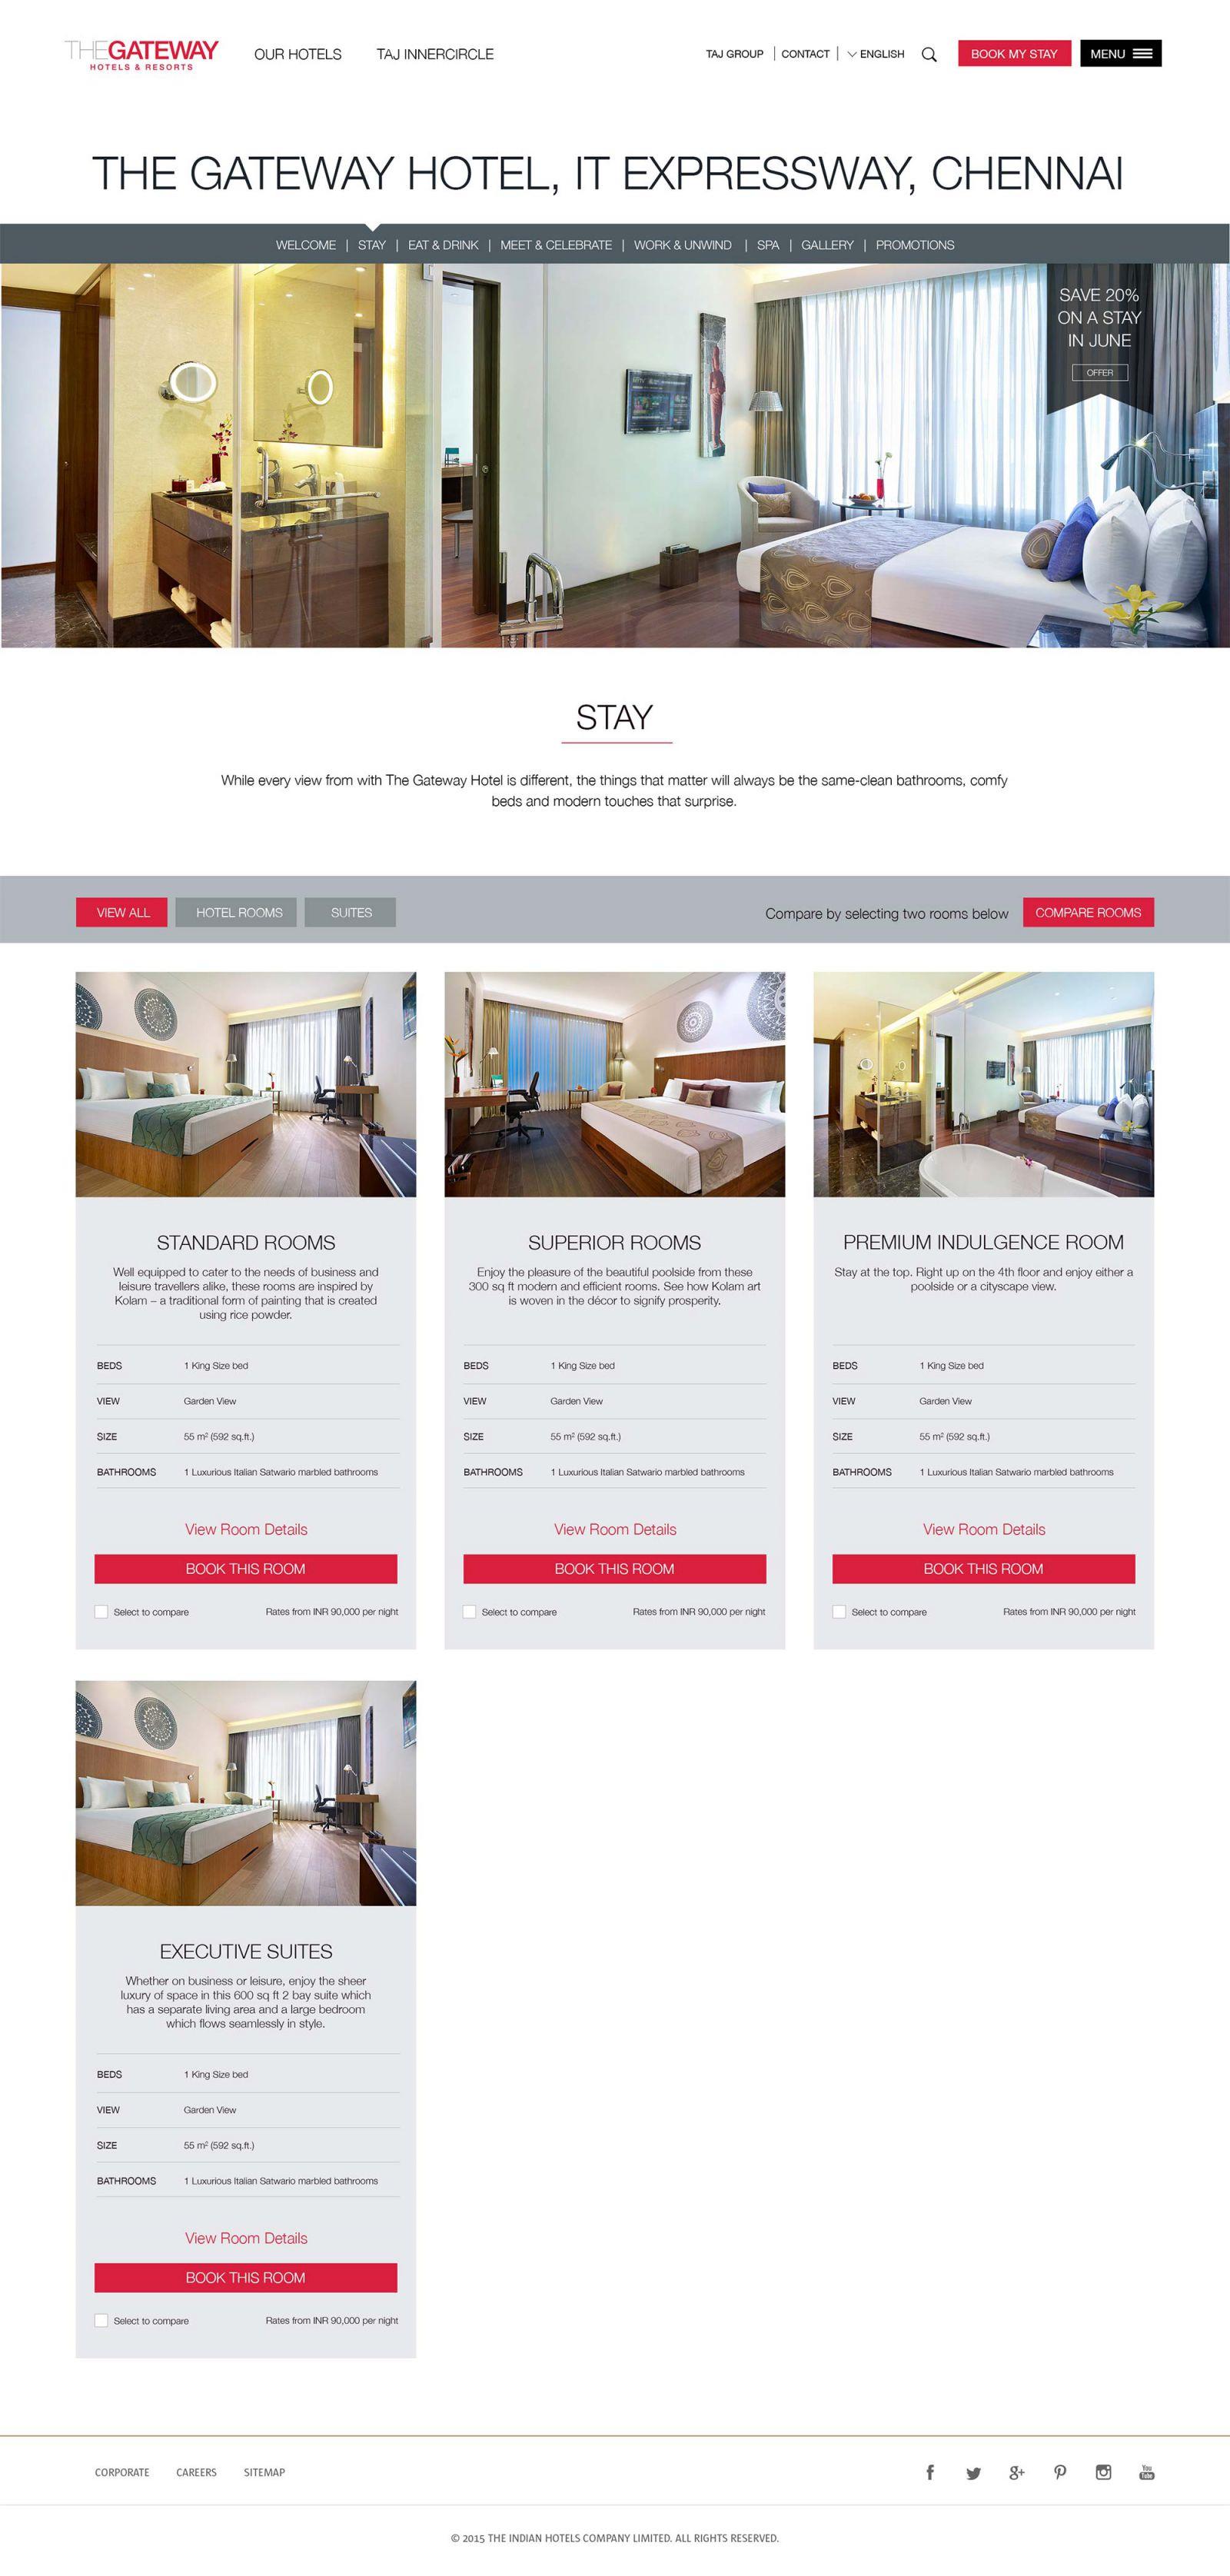 Hotel room comparison page